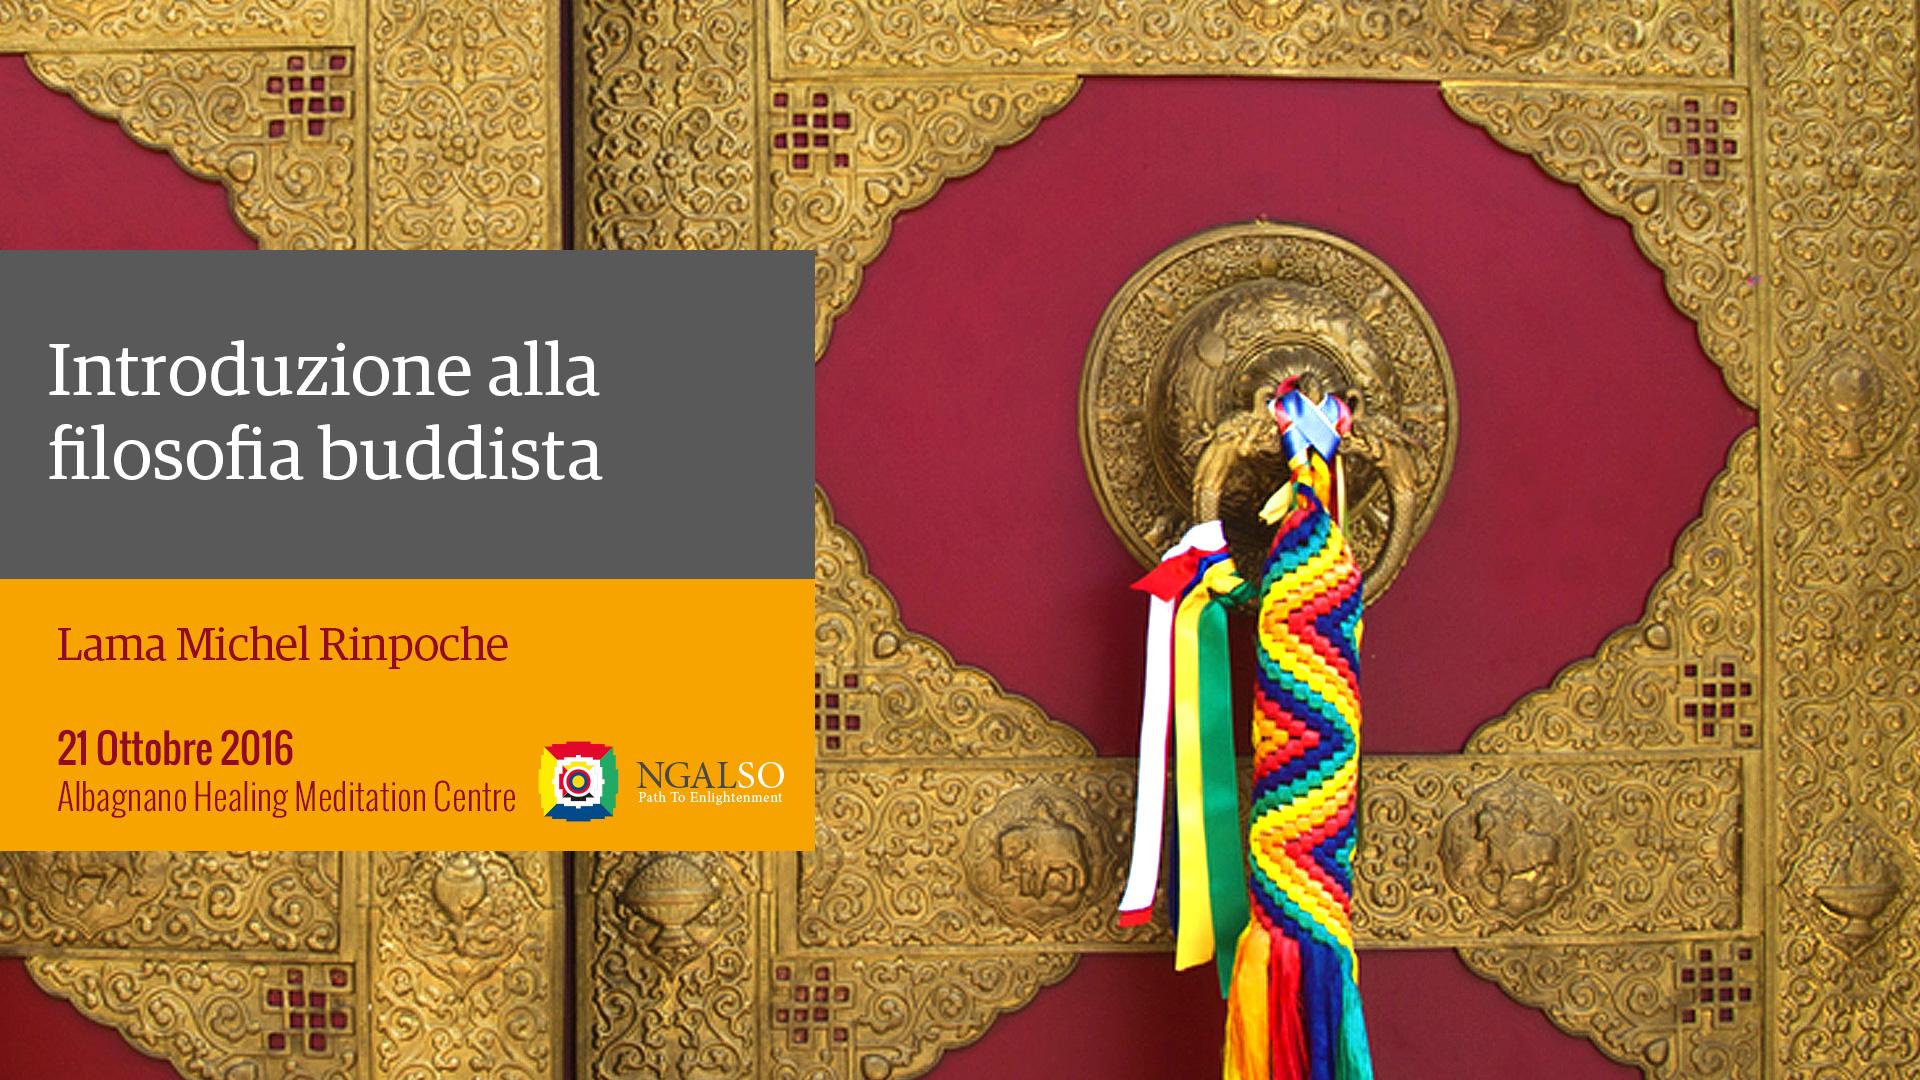 Introduzione alla filosofia buddista (inglese – italiano) – 21 ottobre 2016